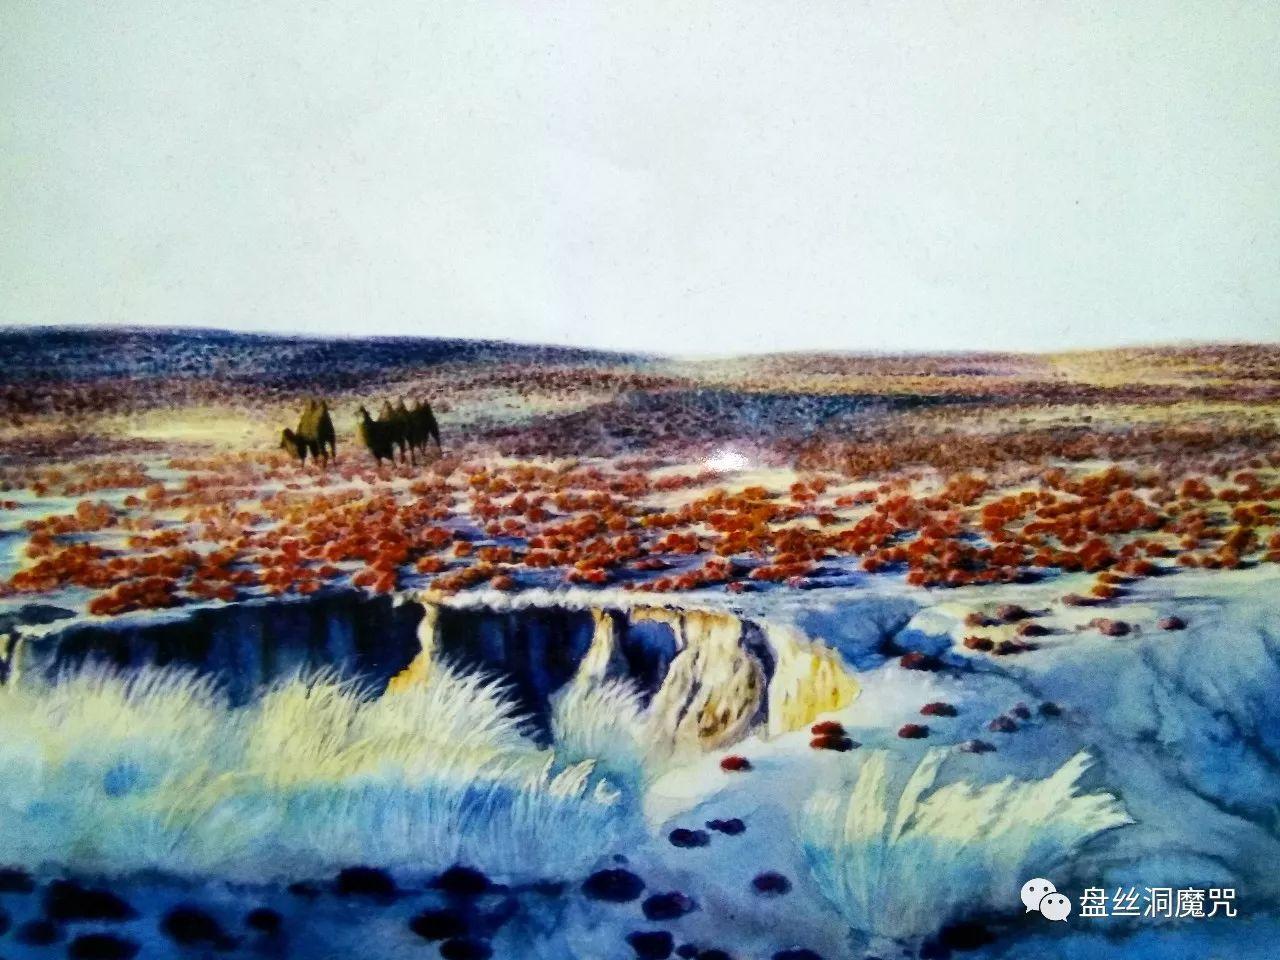 包金山水彩作品欣赏 第4张 包金山水彩作品欣赏 蒙古画廊